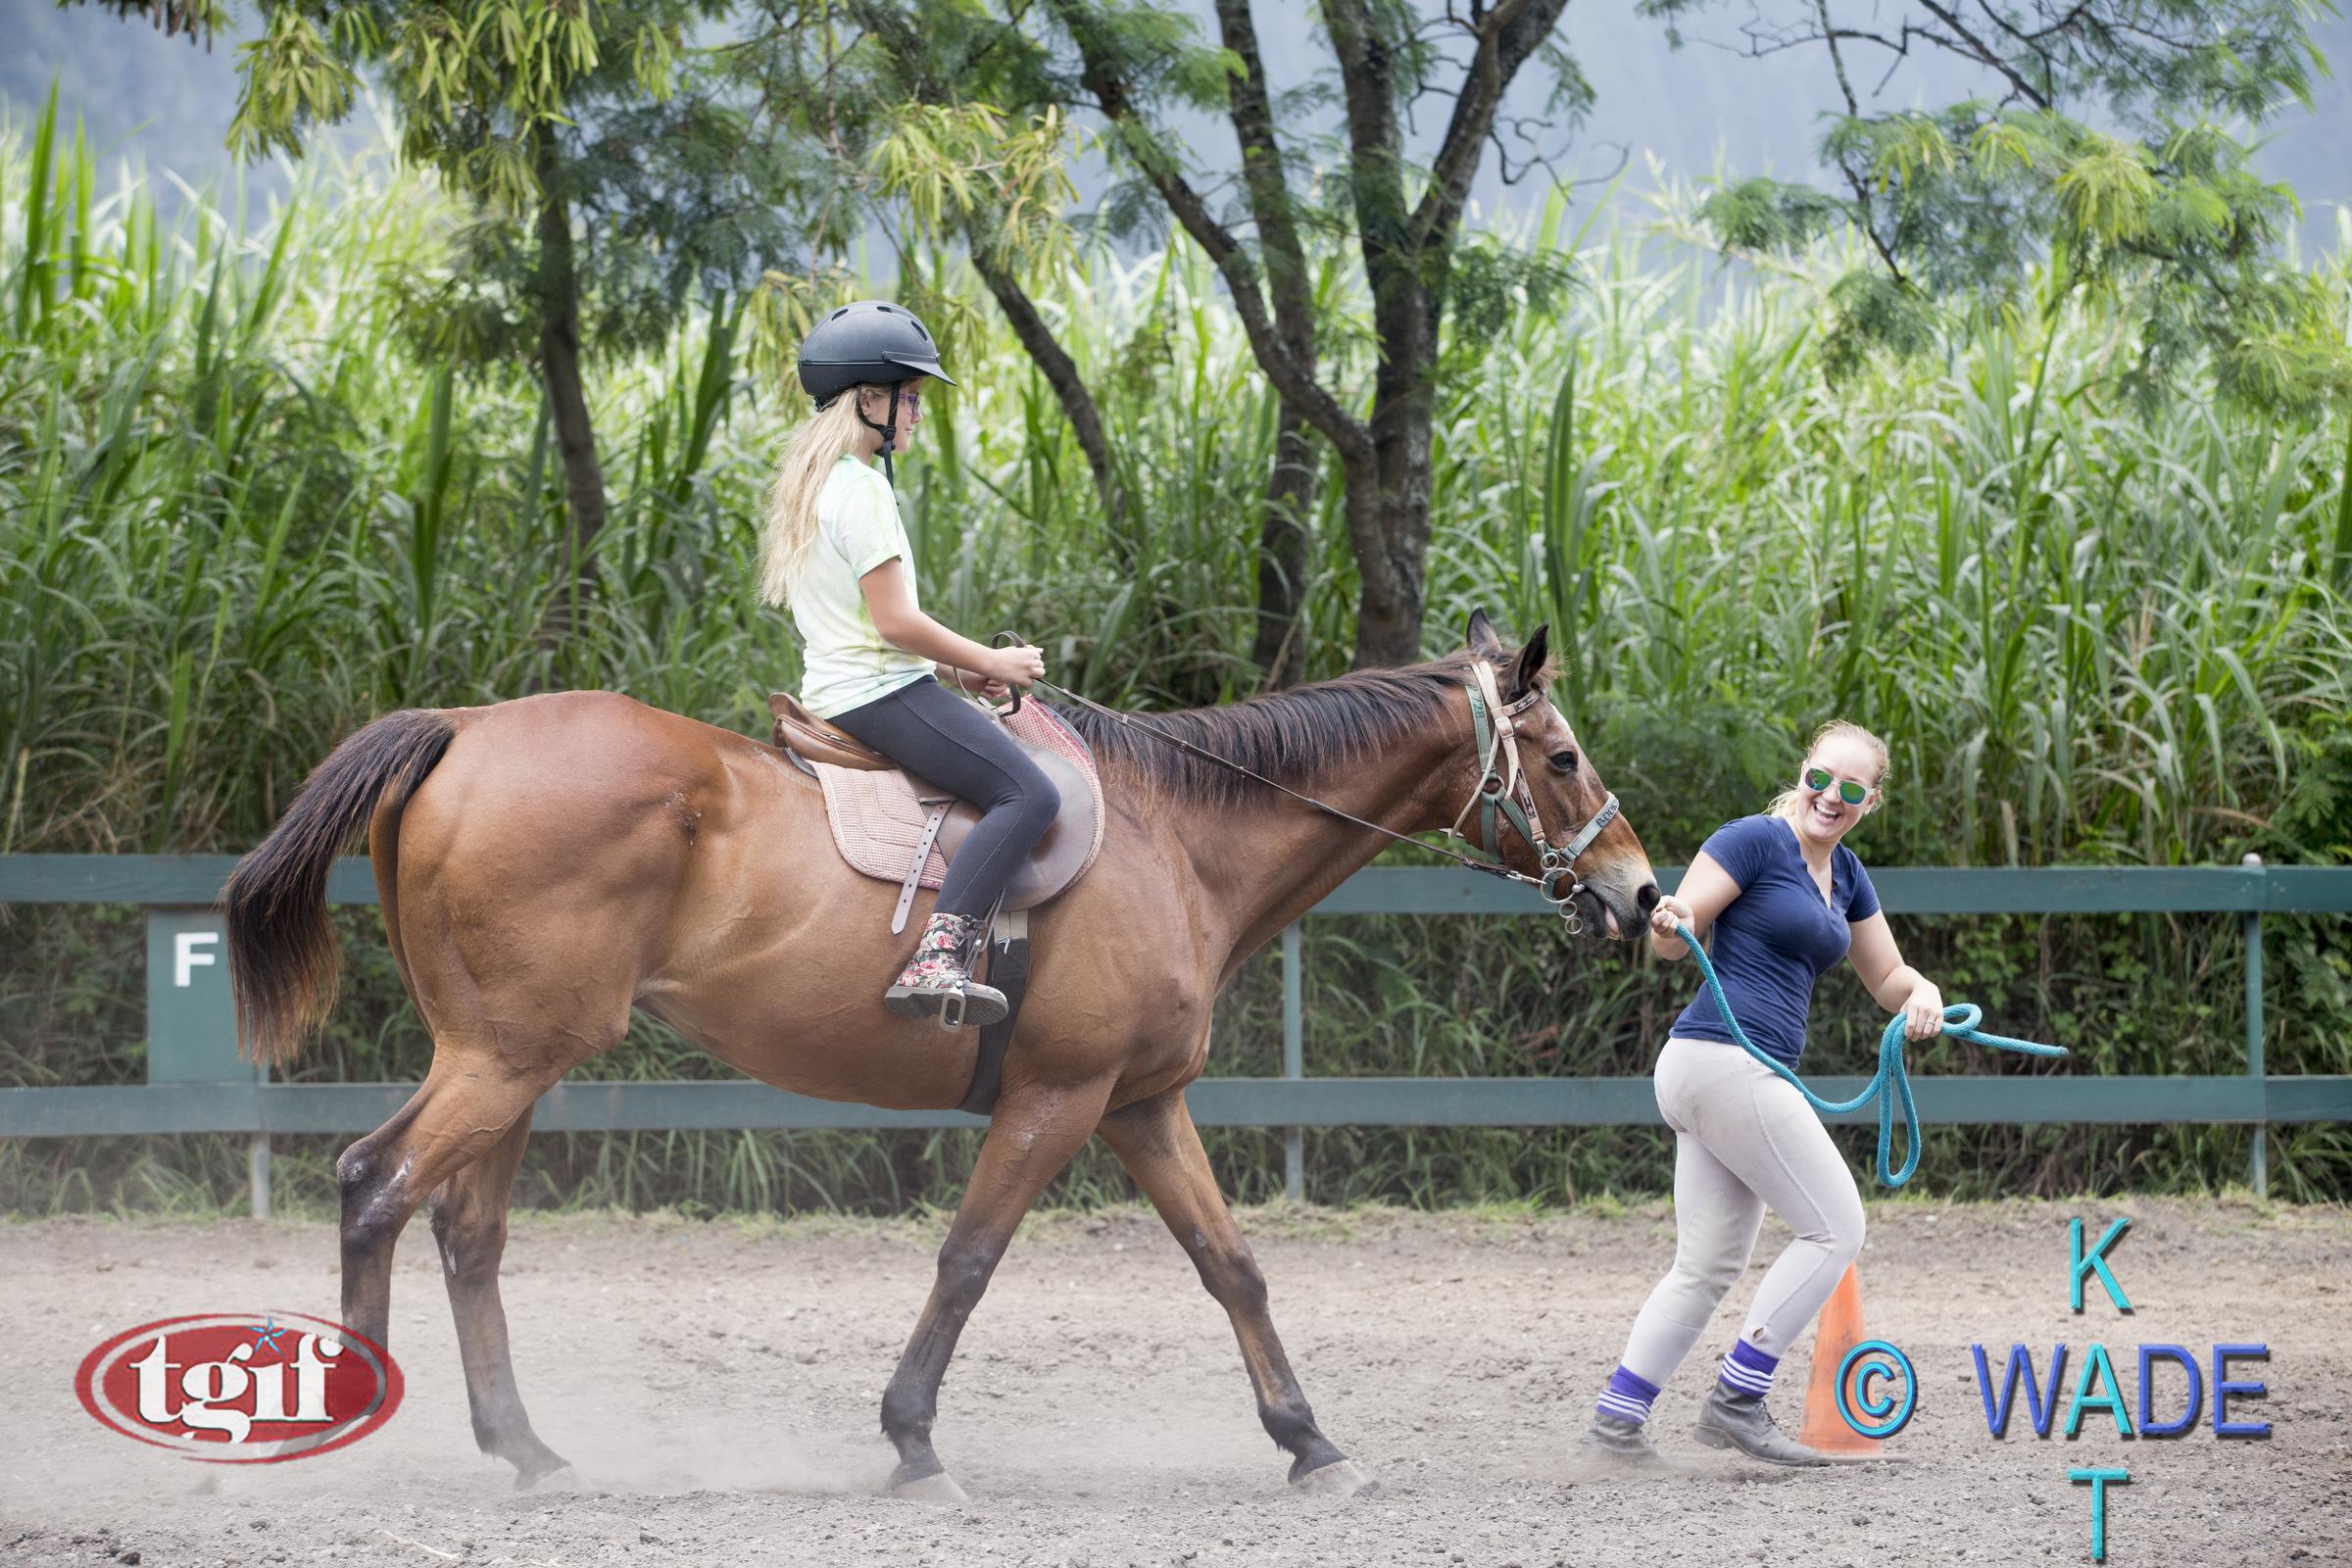 TGF HORSE SHOW 28A